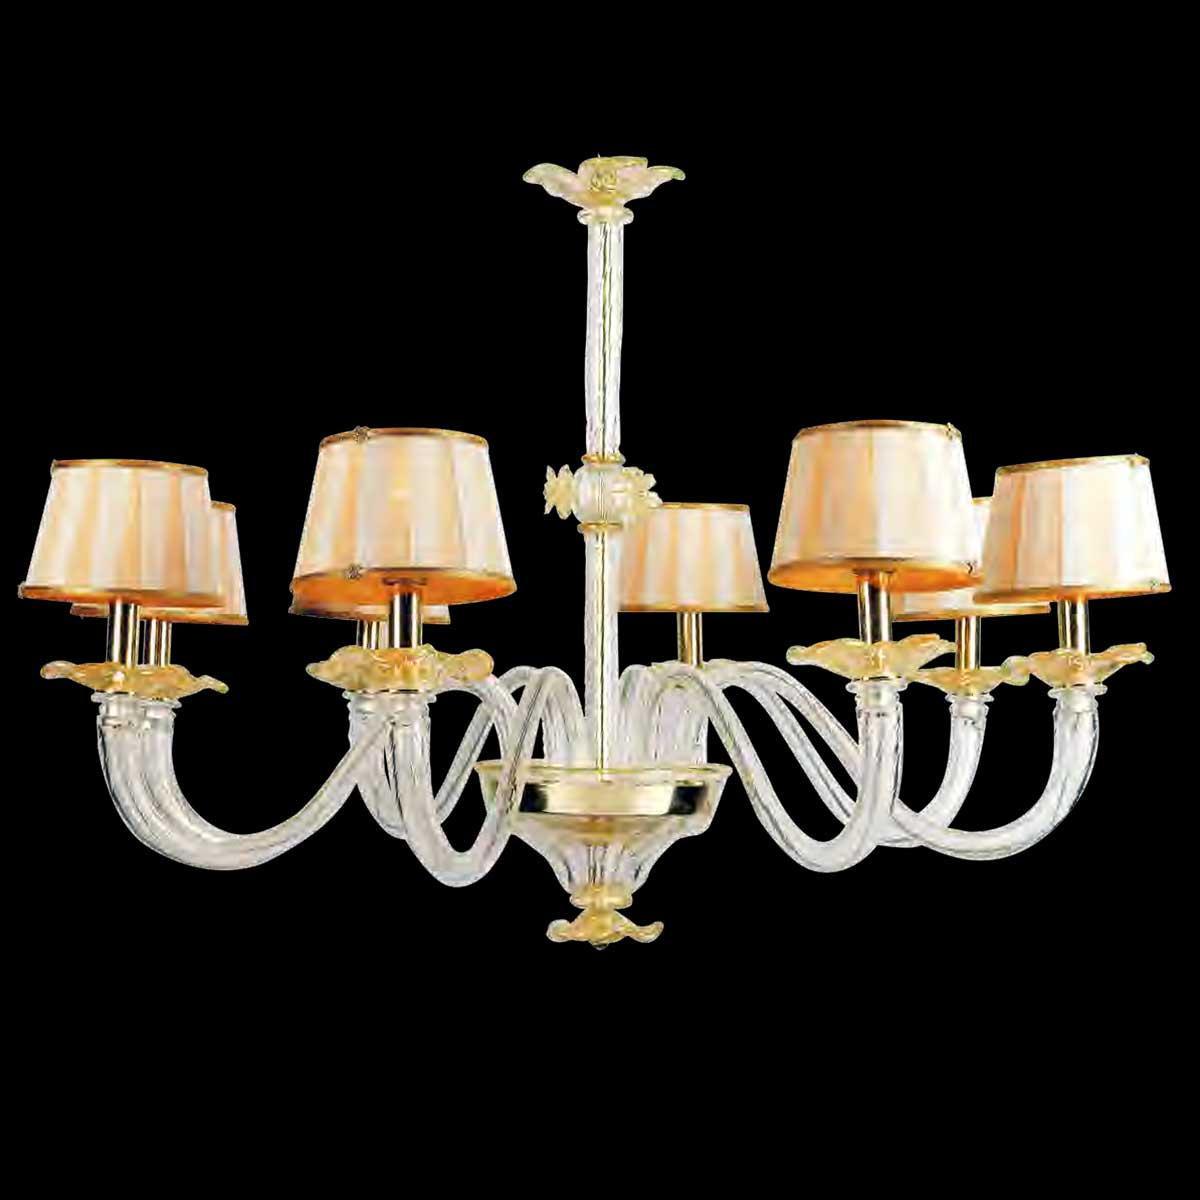 """""""Salomè"""" lampara de araña de Murano - 8 luces - transparente y oro"""